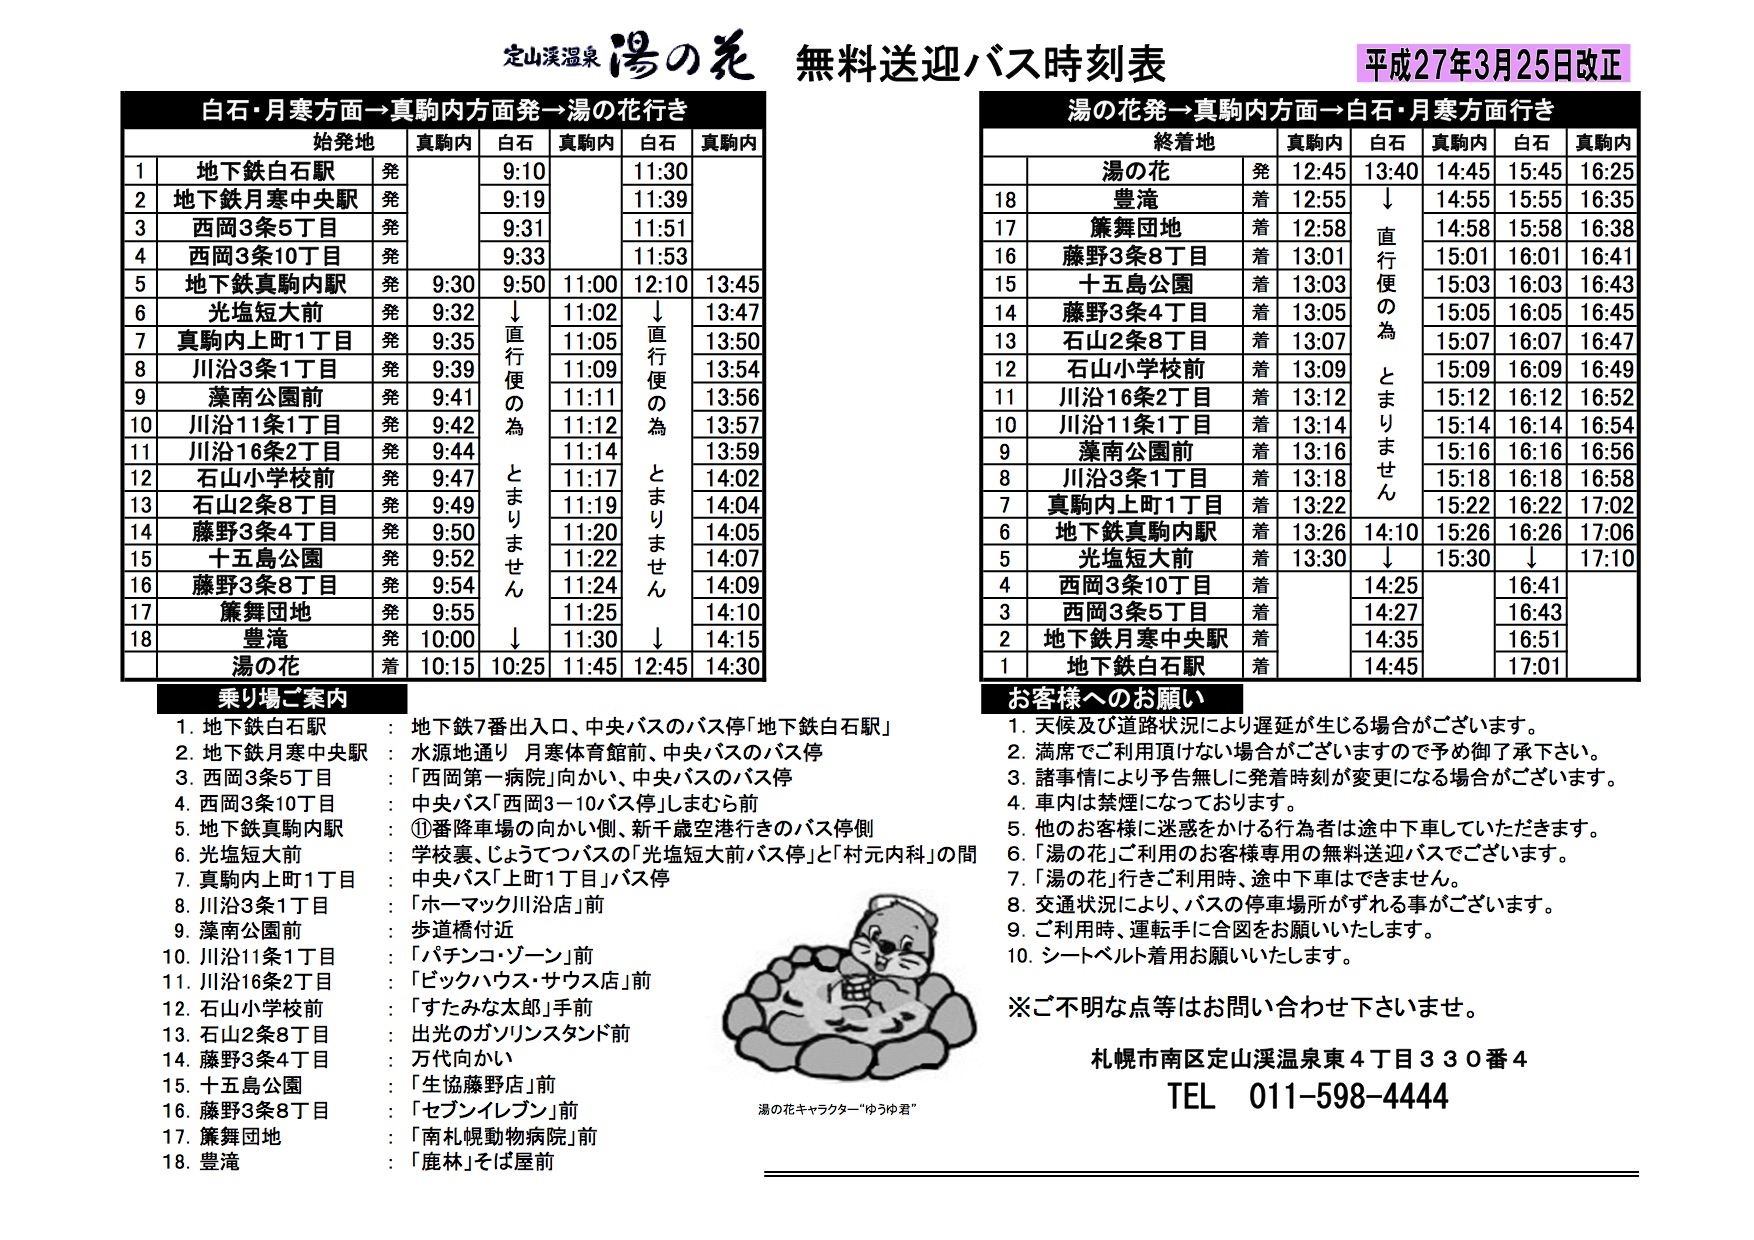 湯の花 定山渓殿の無料送迎バスの時刻表